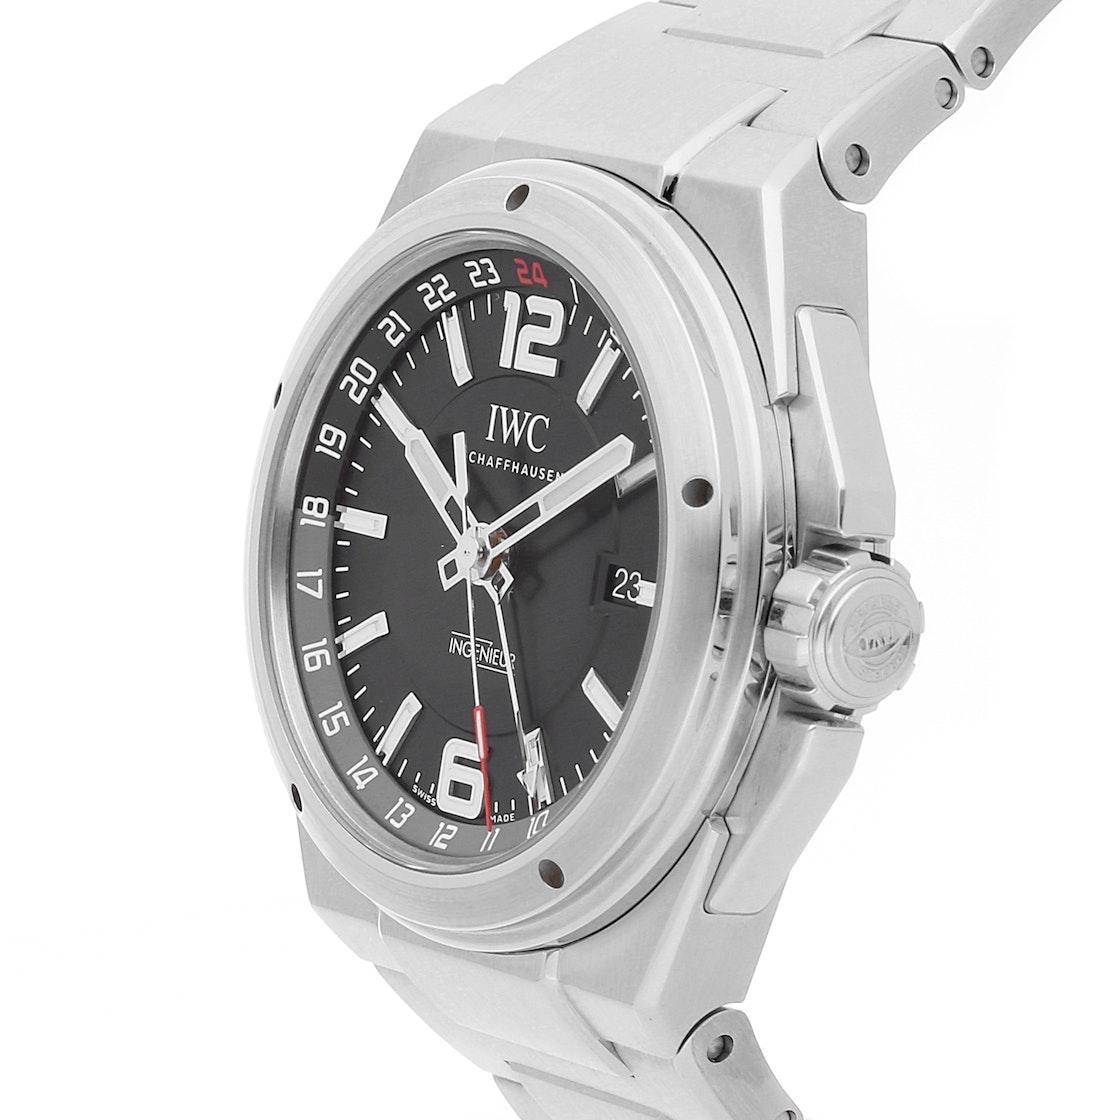 IWC Ingenieur Dual Time IW3244-02